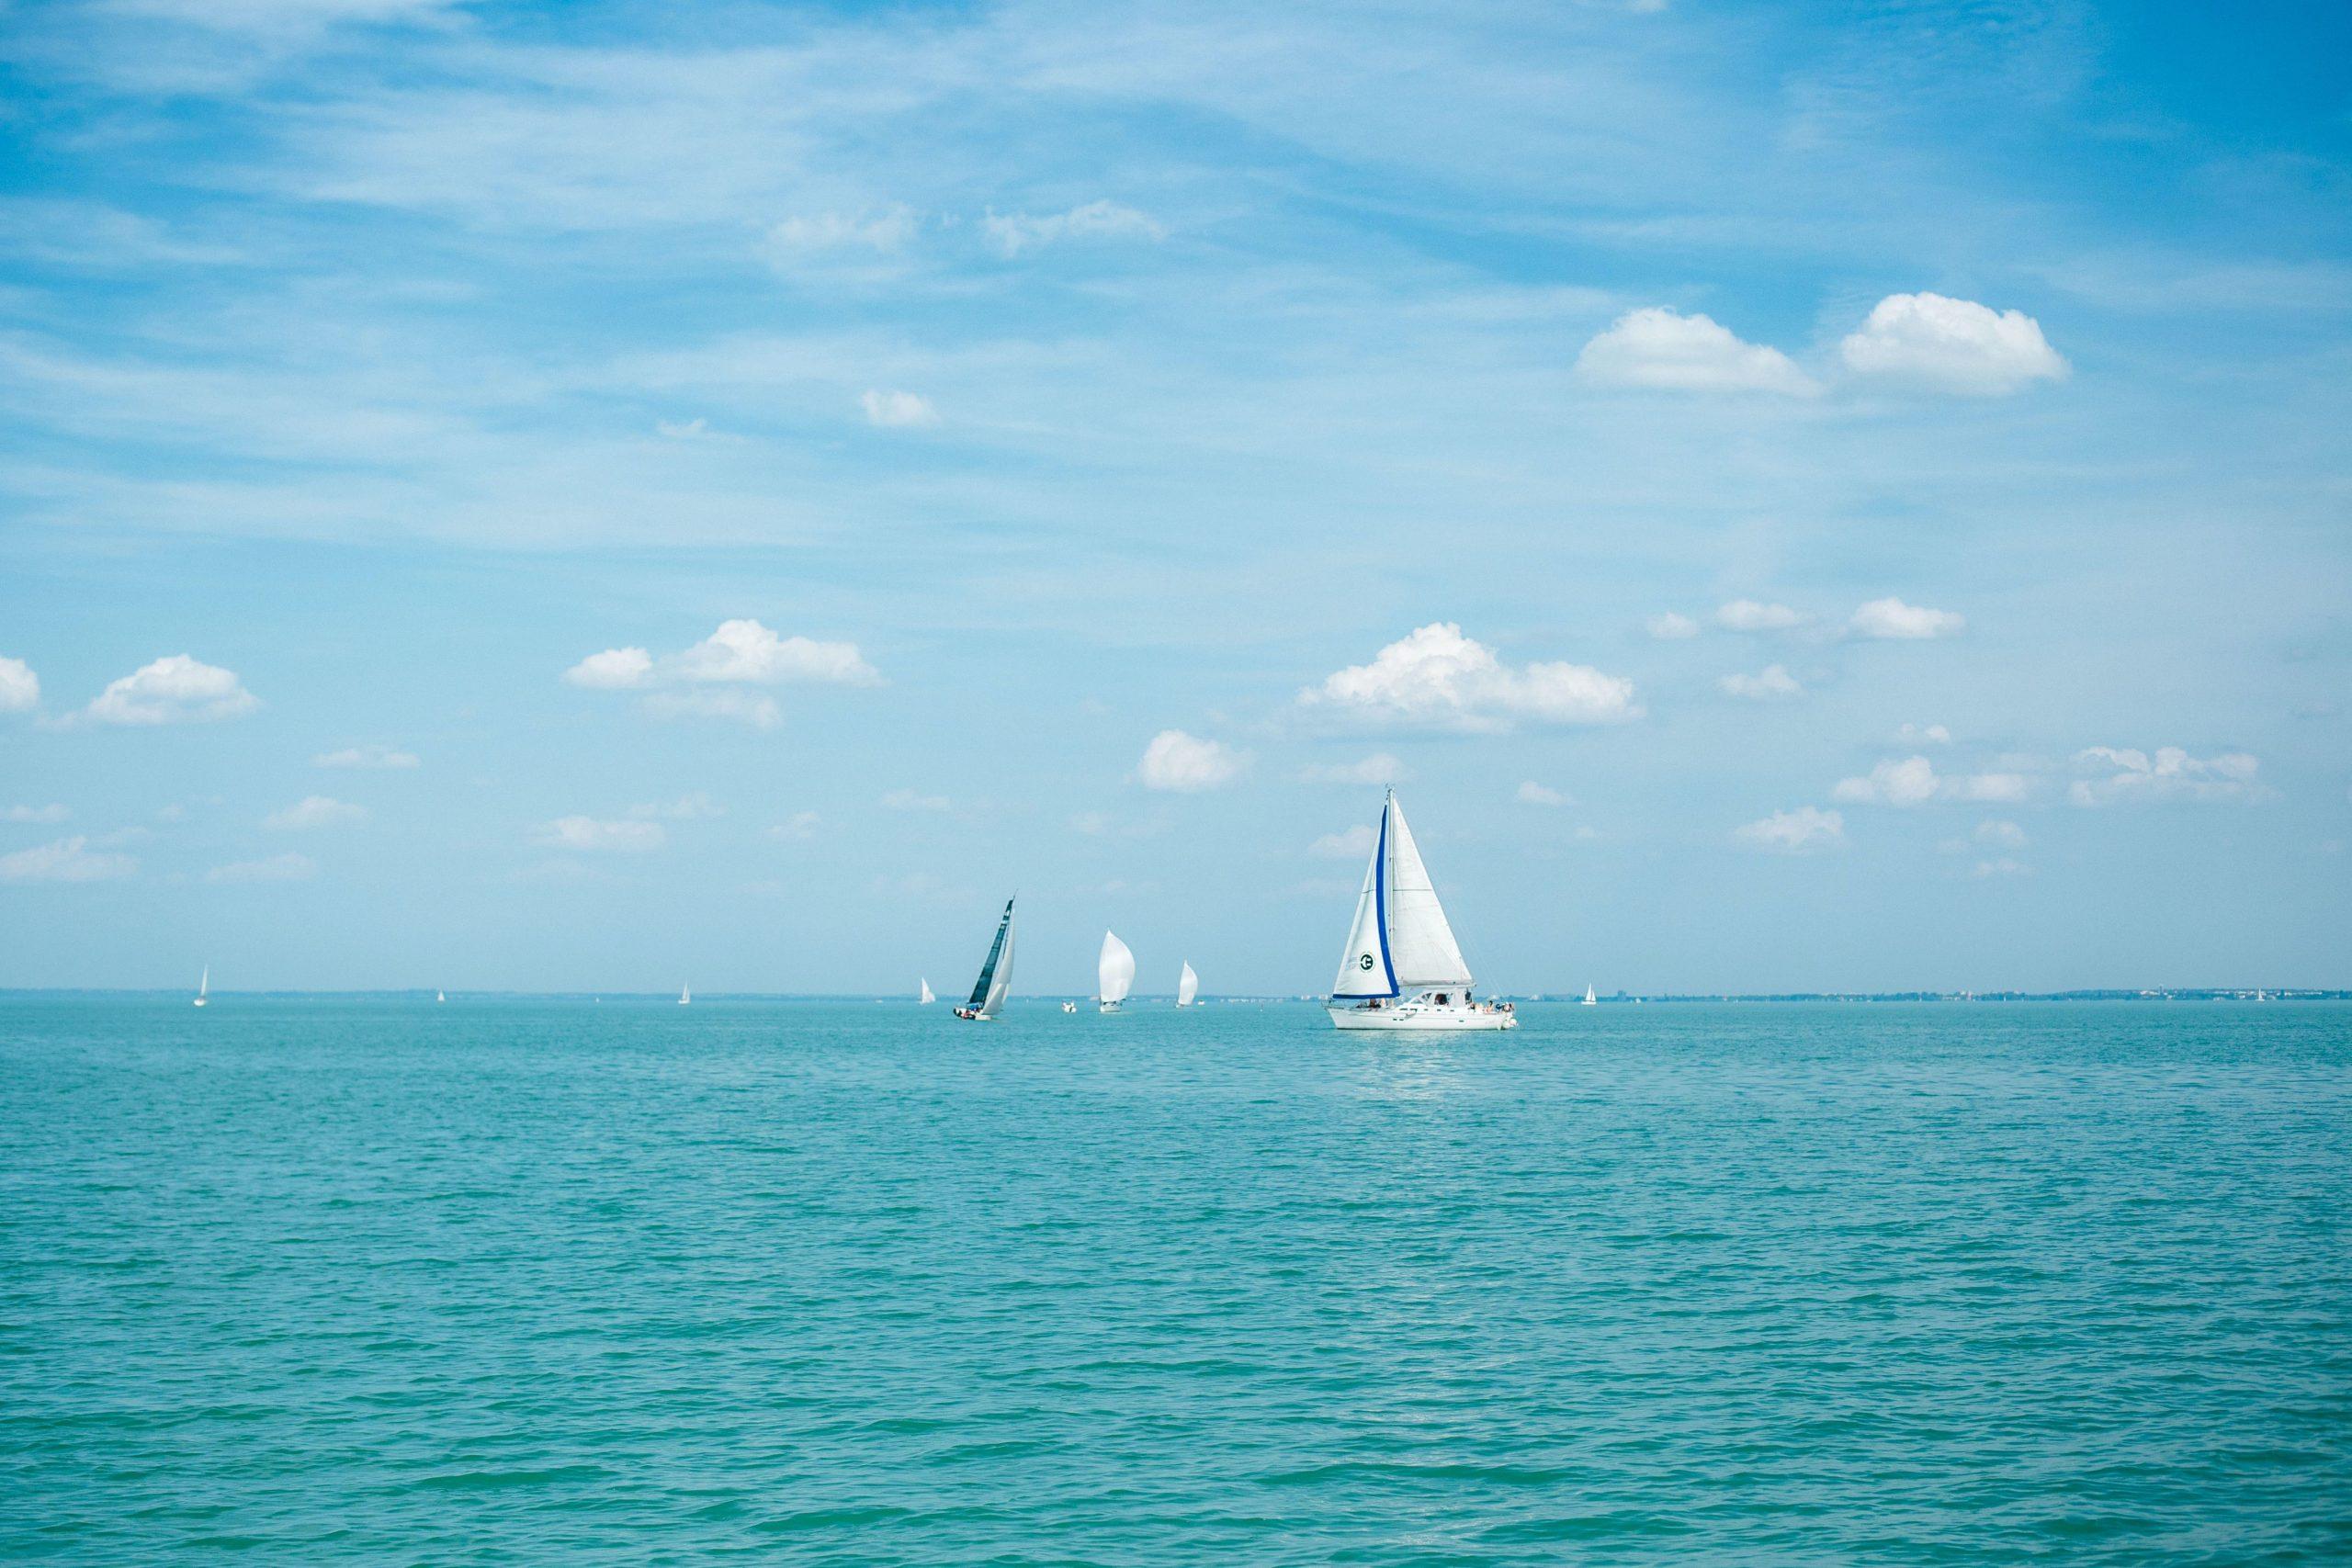 Két balatoni település partjainál mértek magas algaszintet